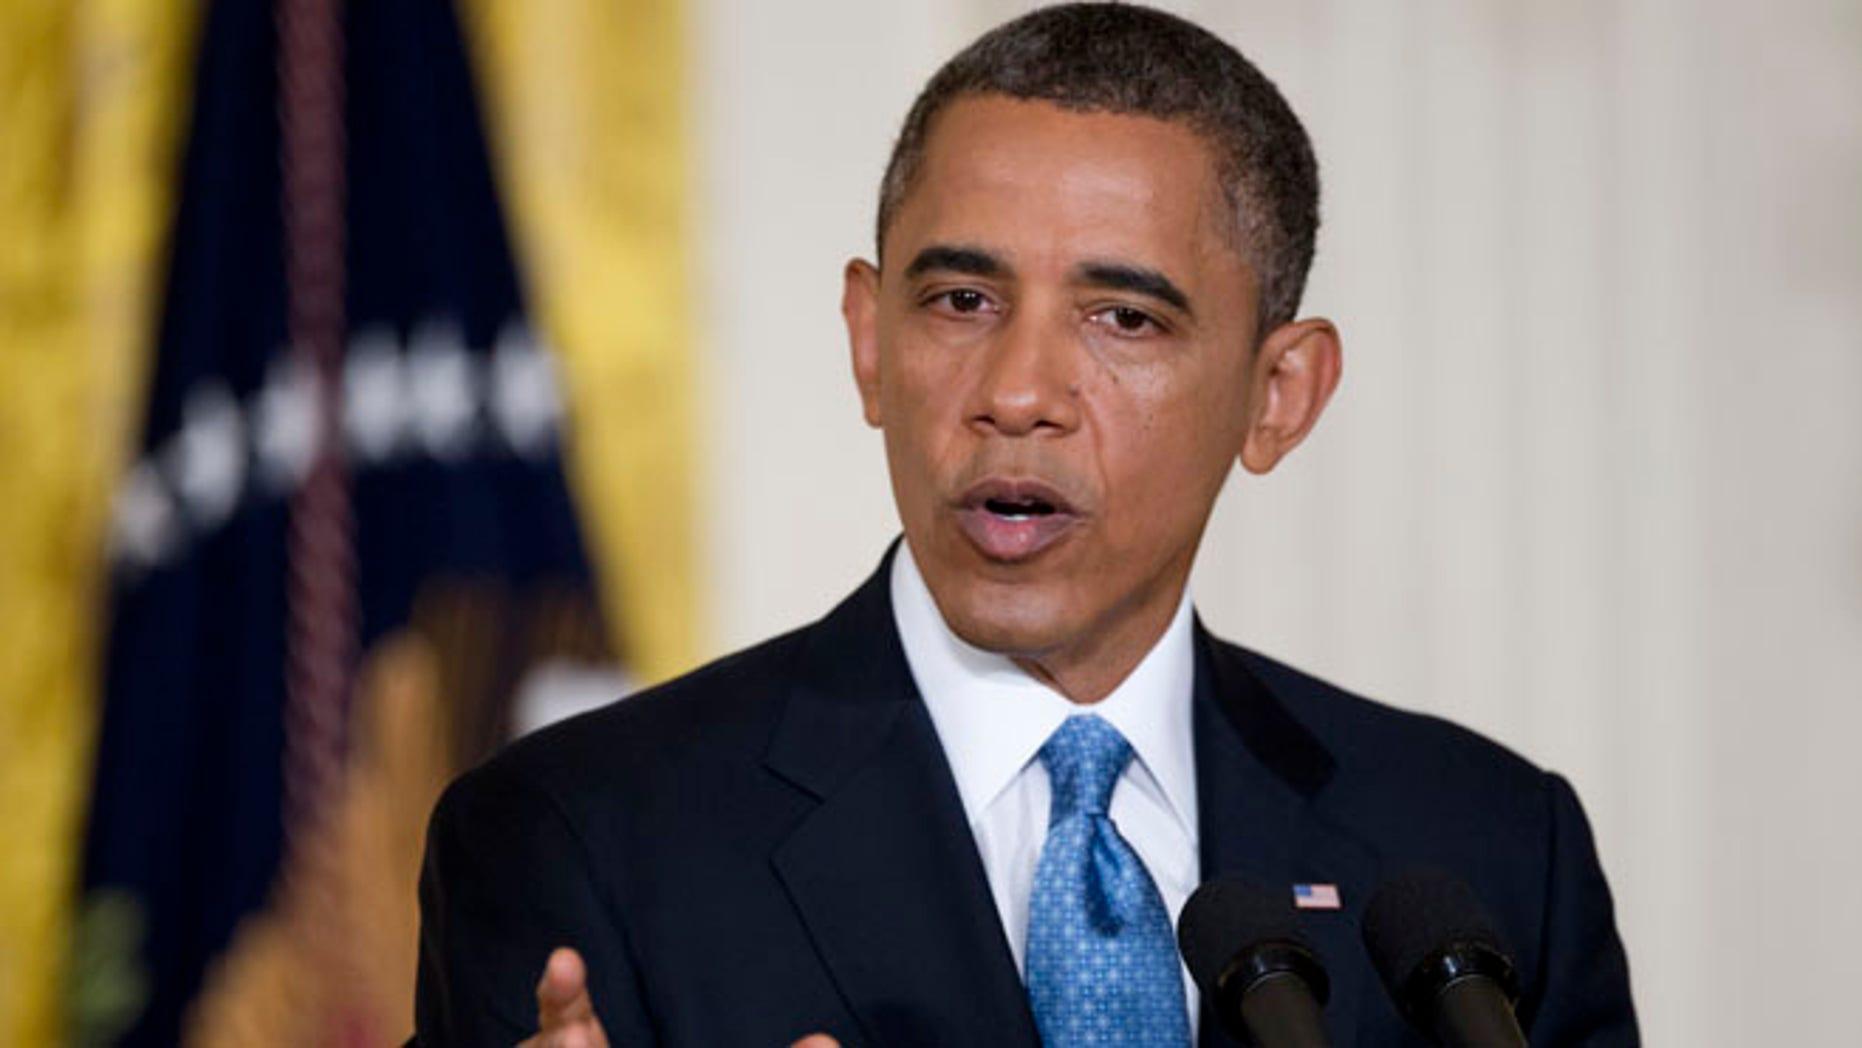 FILE: Jan. 14, 2013: President Barack Obama speaks in the East Room of the White House.